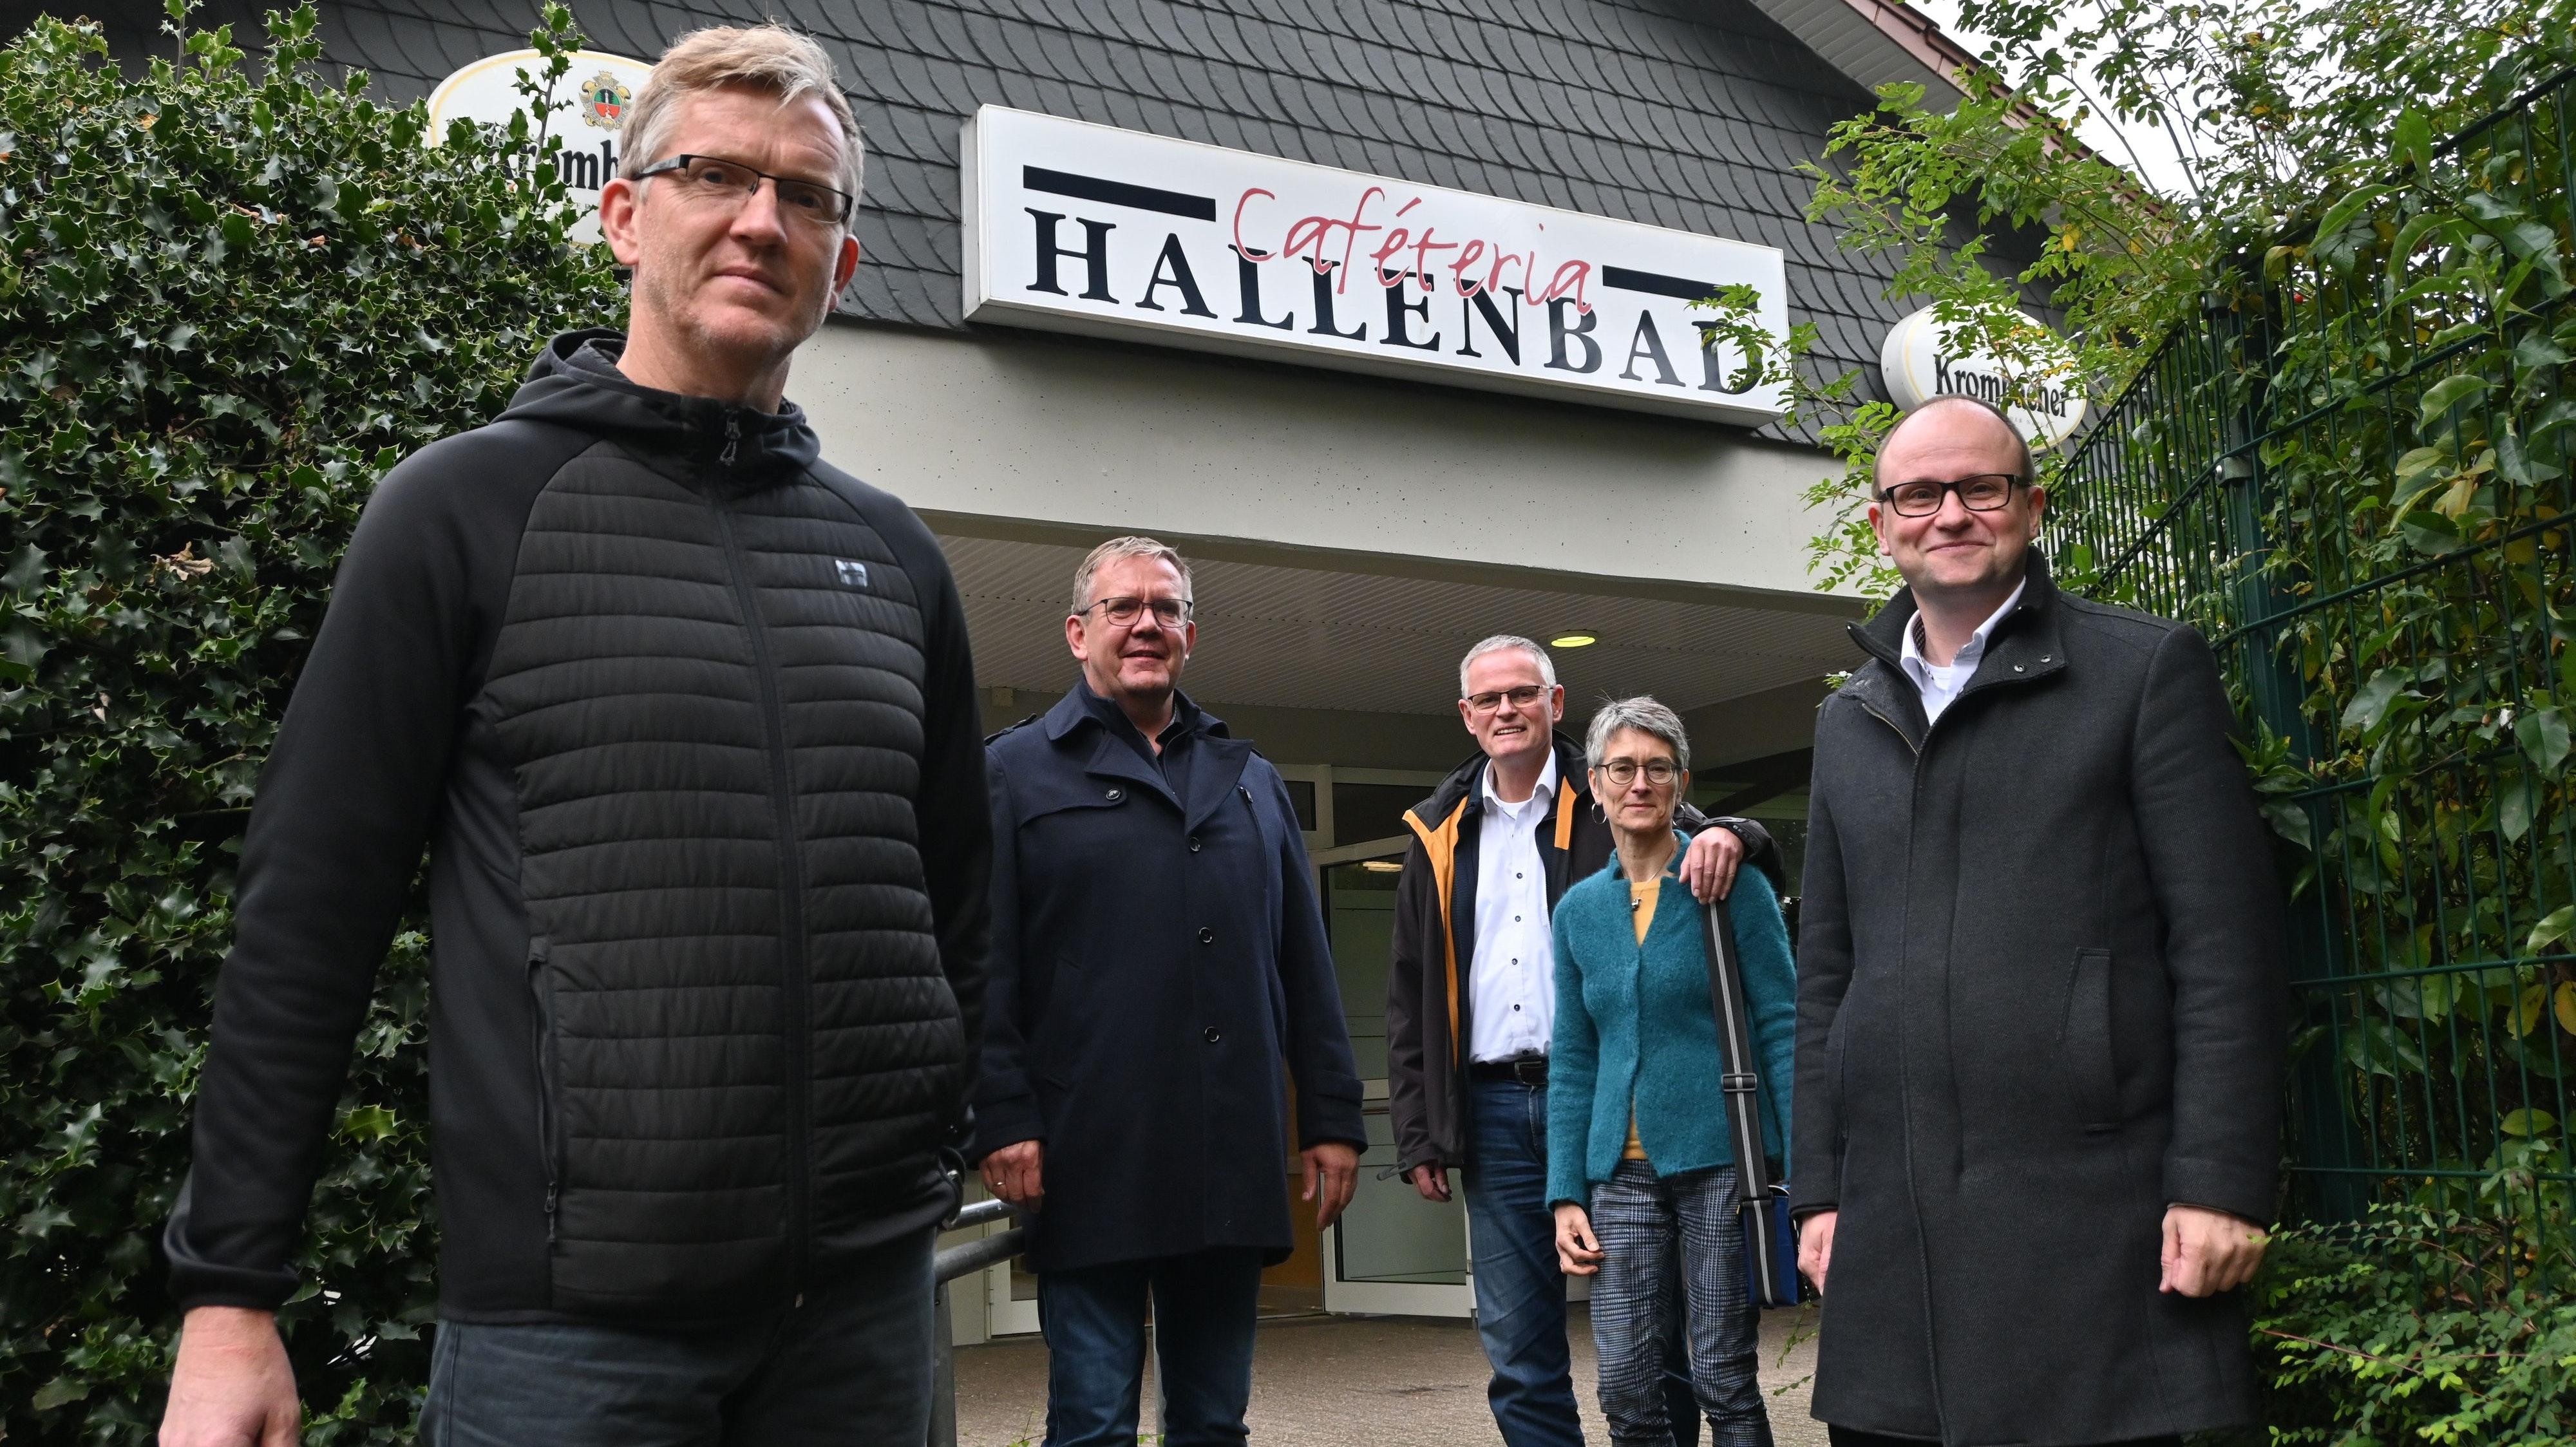 Mit dem Ergebnis zufrieden: Bürgermeister Thomas Höffmann (rechts), BV Garrels Vorsitzender Norbert Bruns (links), Franz-Josef Kettmann sowie das beratende Gastronomen-Ehepaar Petra und Olav Jäkel. Foto: Thomas Vorwerk